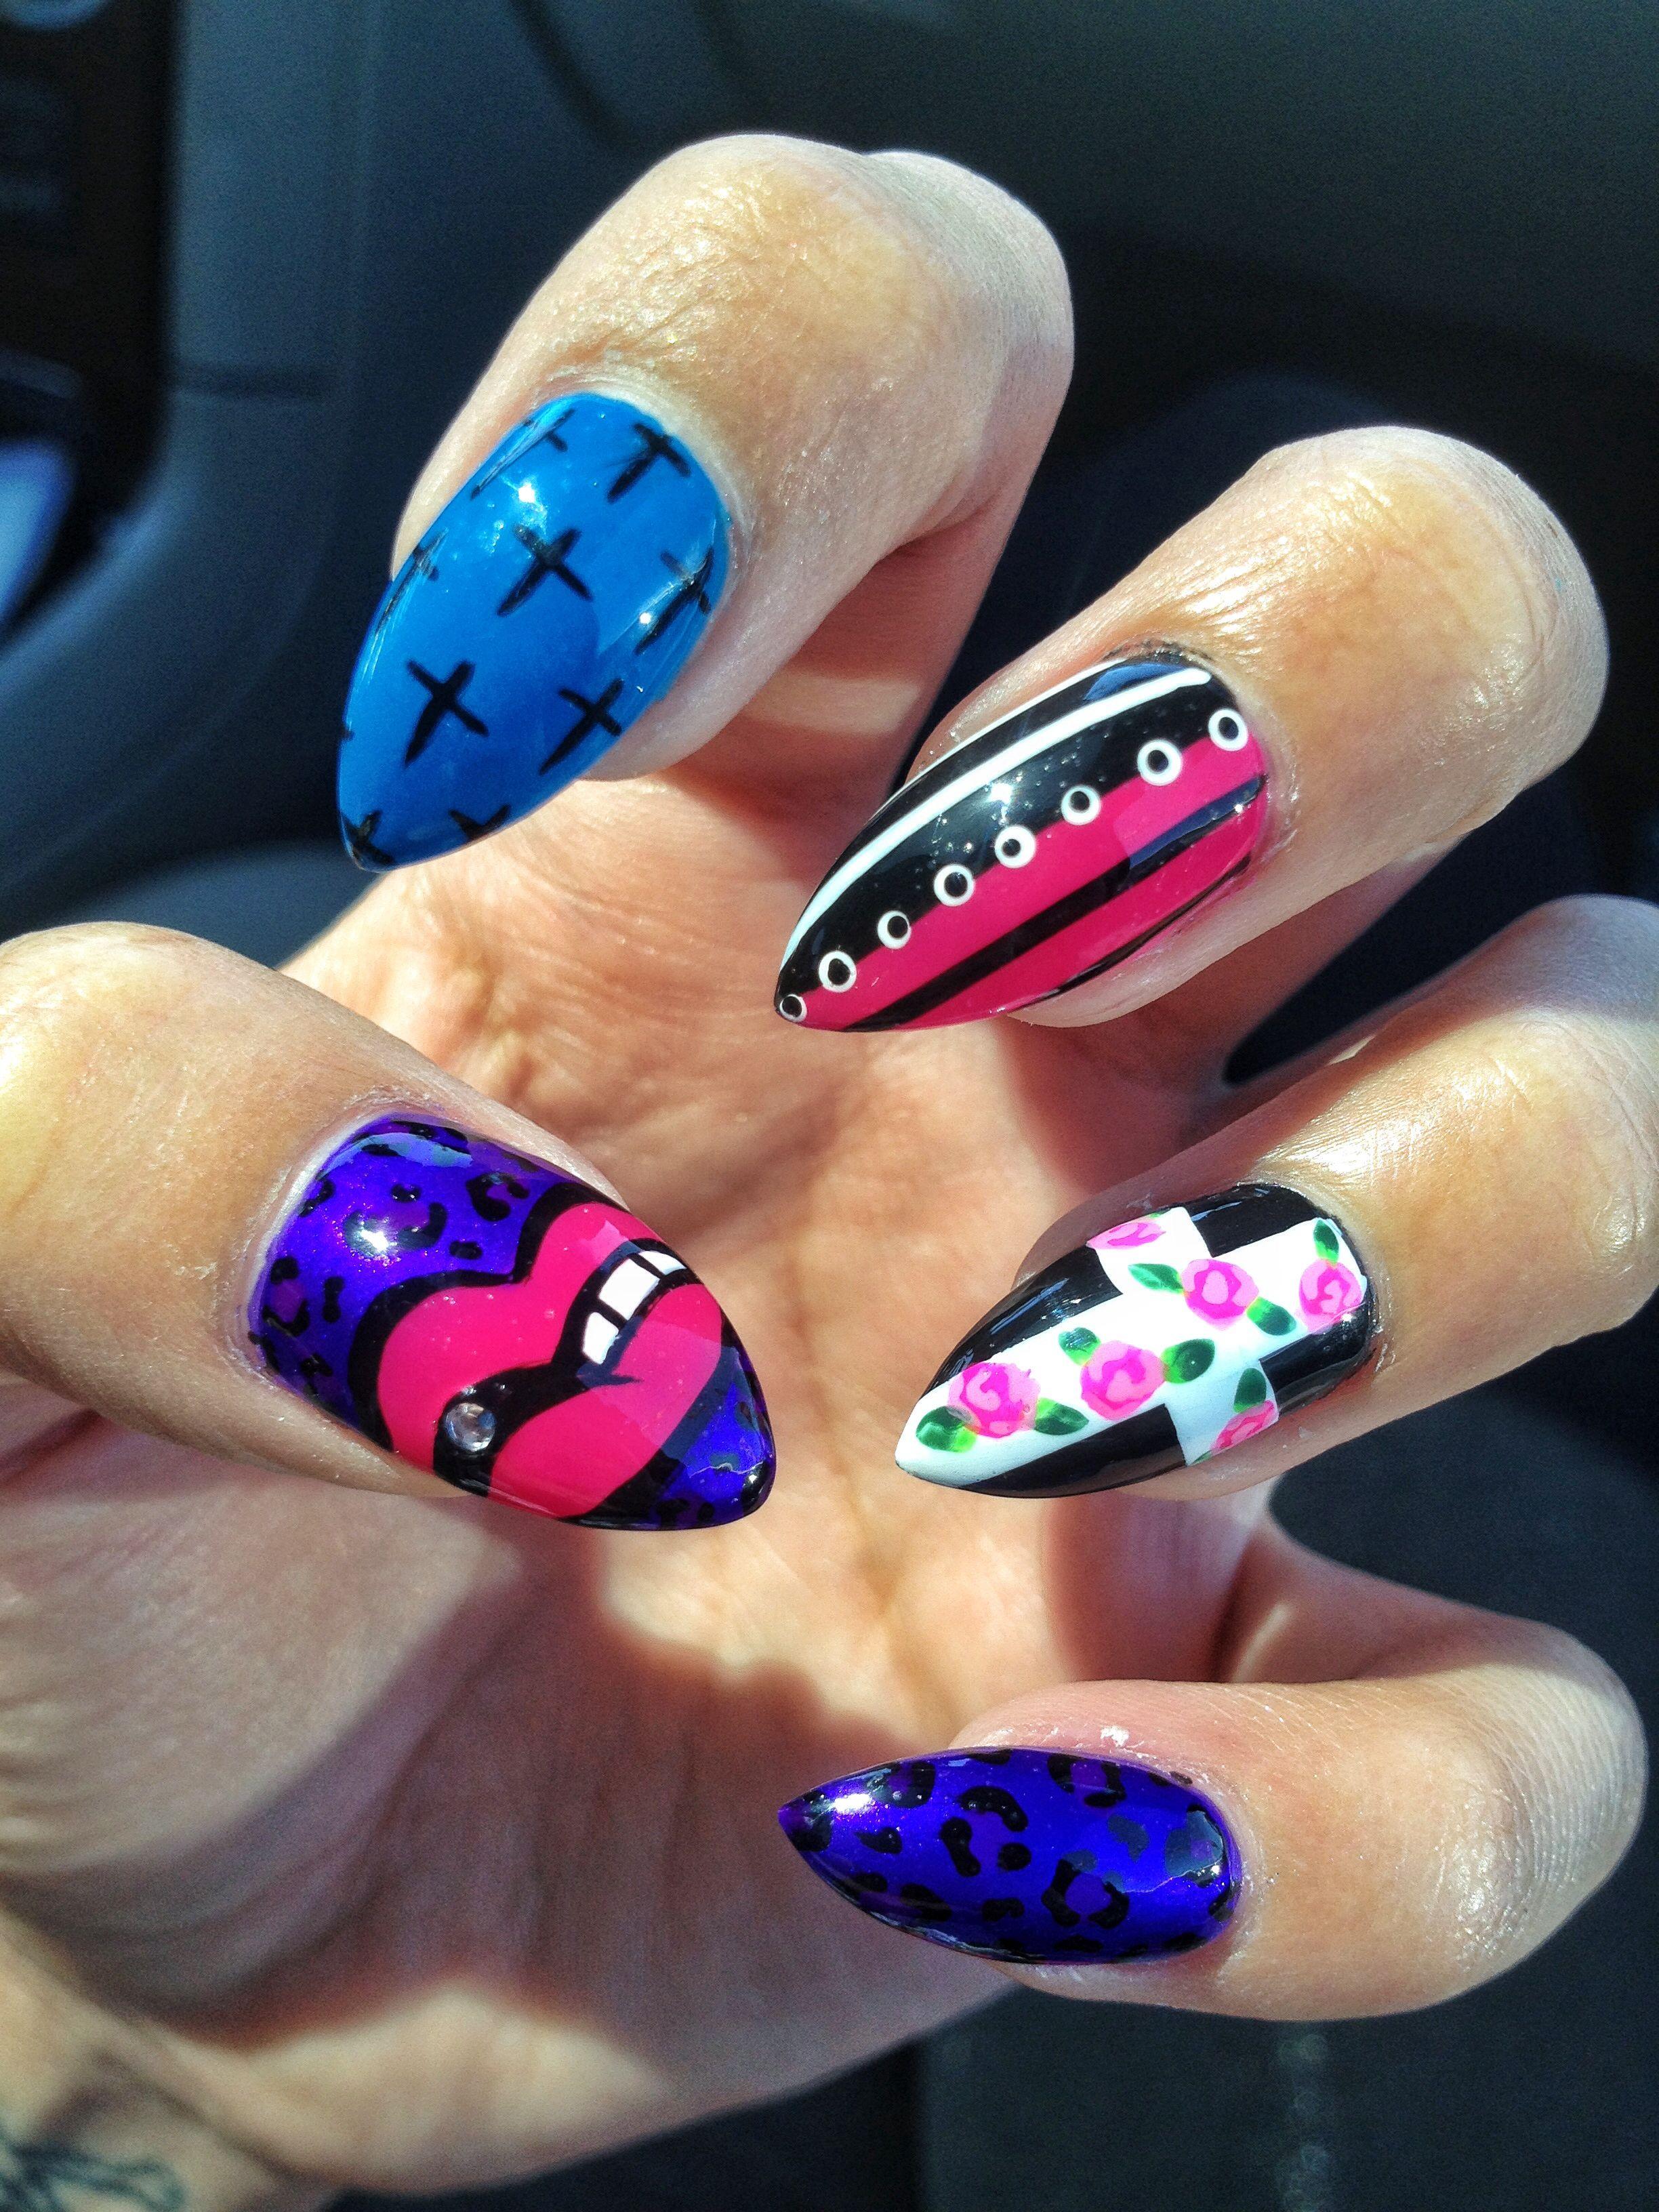 Cross nail art | My clawssss | Pinterest | Cross nail art ...